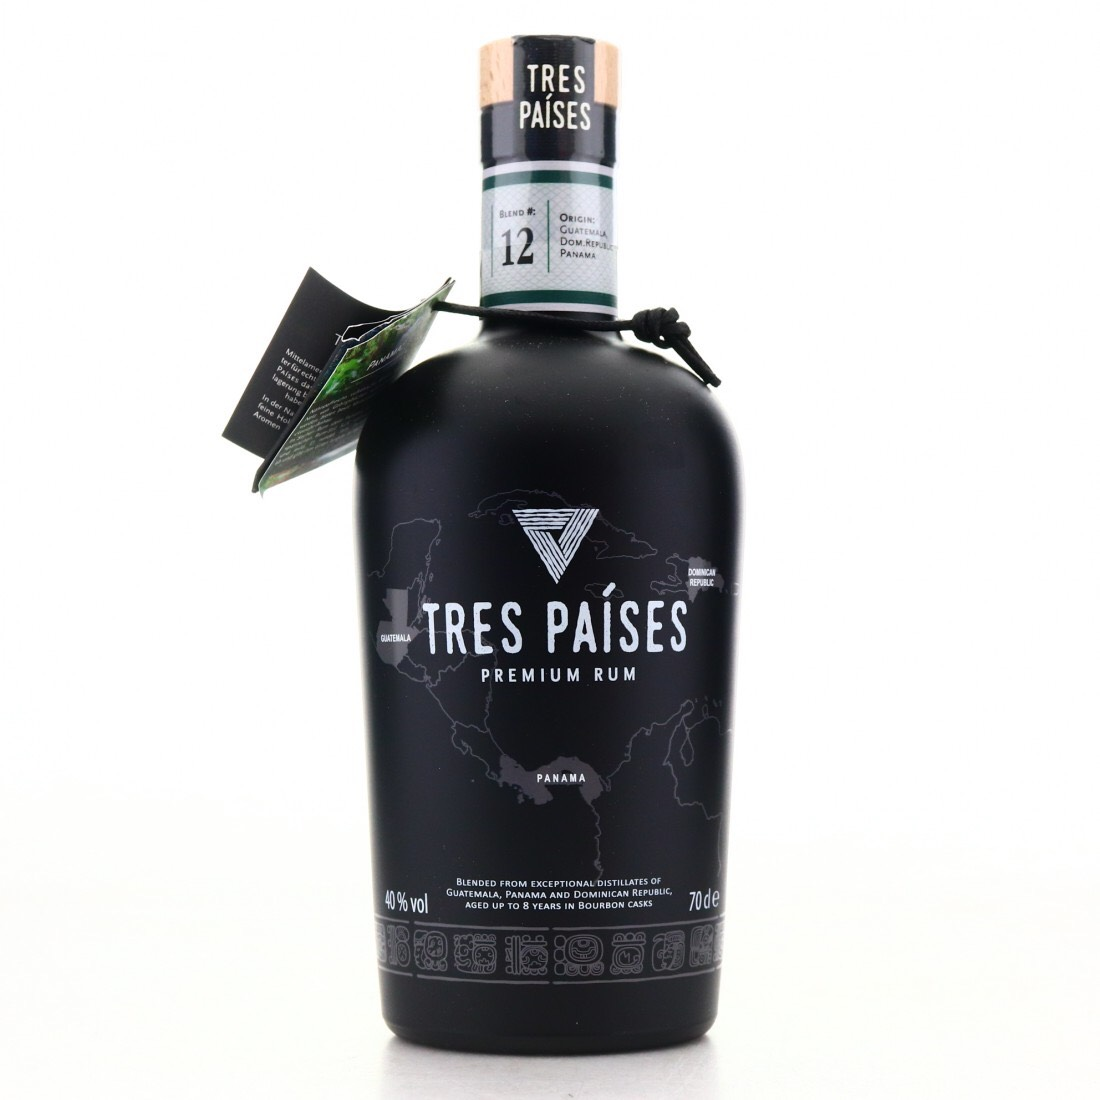 Bottle image of Tres Paìses Premium Rum